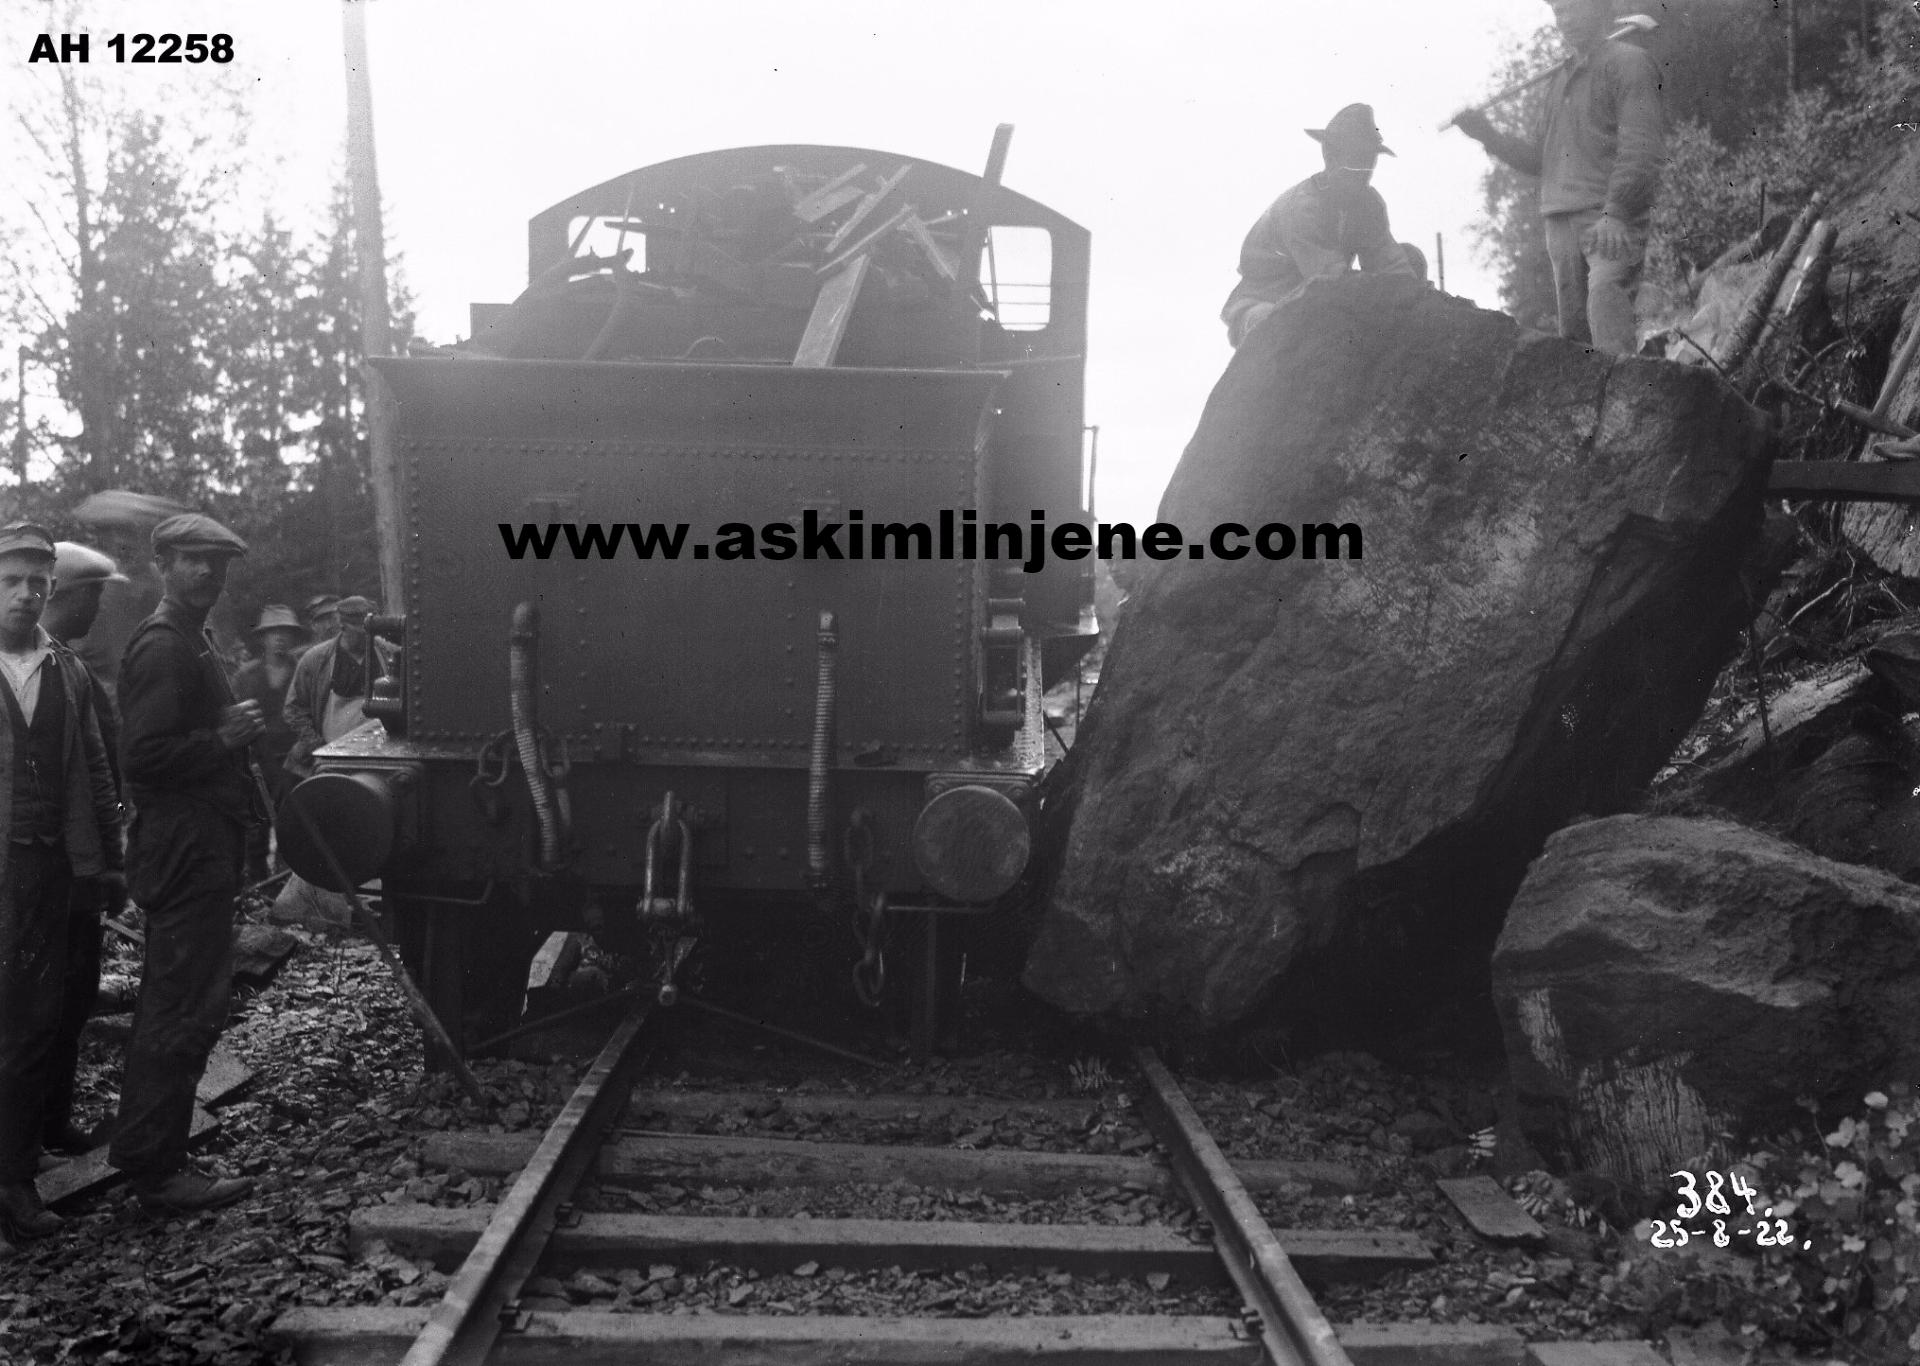 Avsporing og ras på Solbergfossbanen